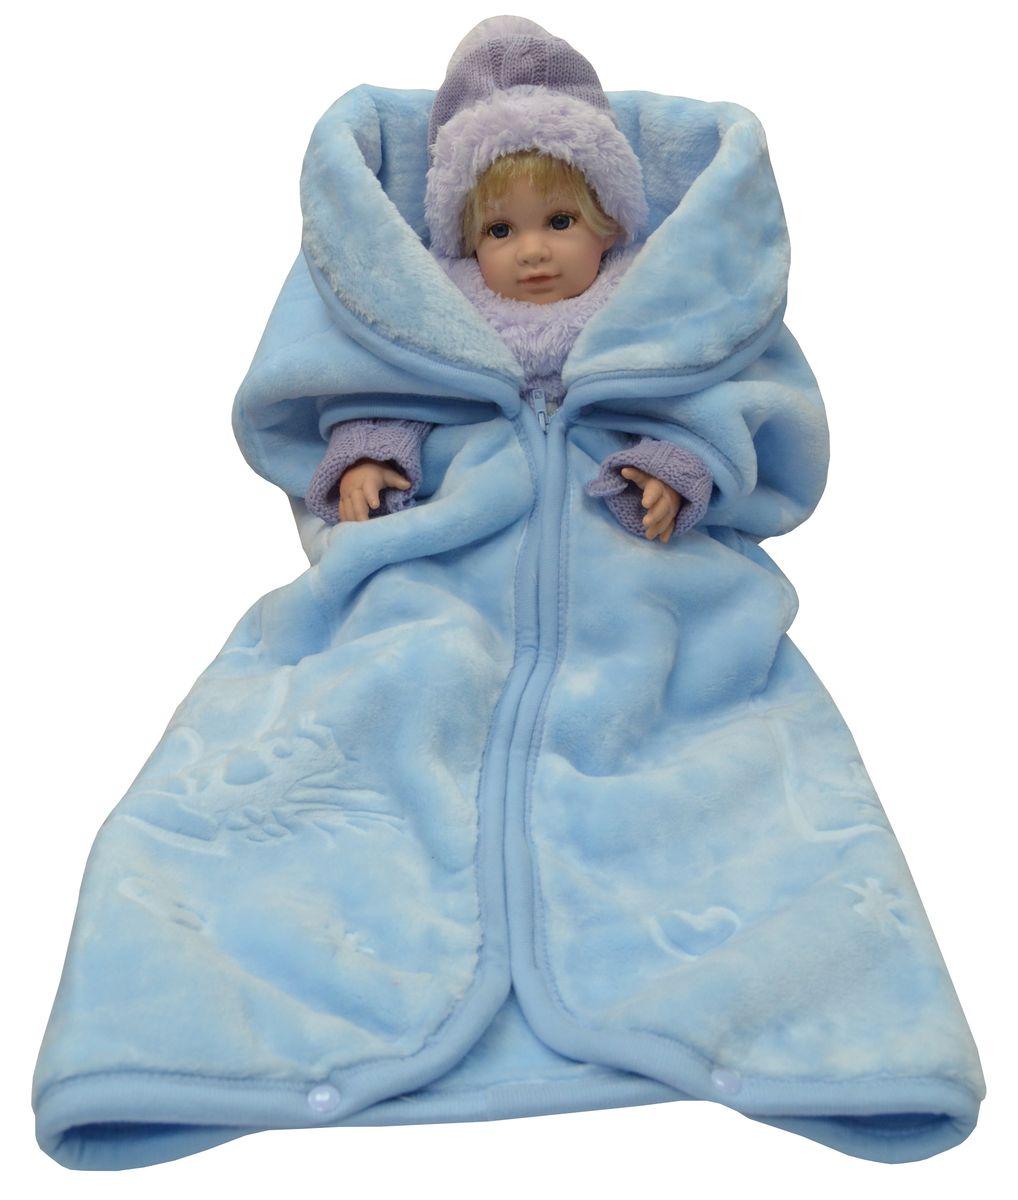 Плед-накидка Bonne Fee 80х90 см, однотонная, жаккардовый рисунок, голубойОНДК/200-голНежность, забота, любовь и тепло - этими словами можно описать плед-накидку для малышей. Этот материал очень приятный и мягкий на ощупь, но при этом плотный и надежный. Отличное качество и практичность! Любите своего ребенка и дарите ему лучшее!